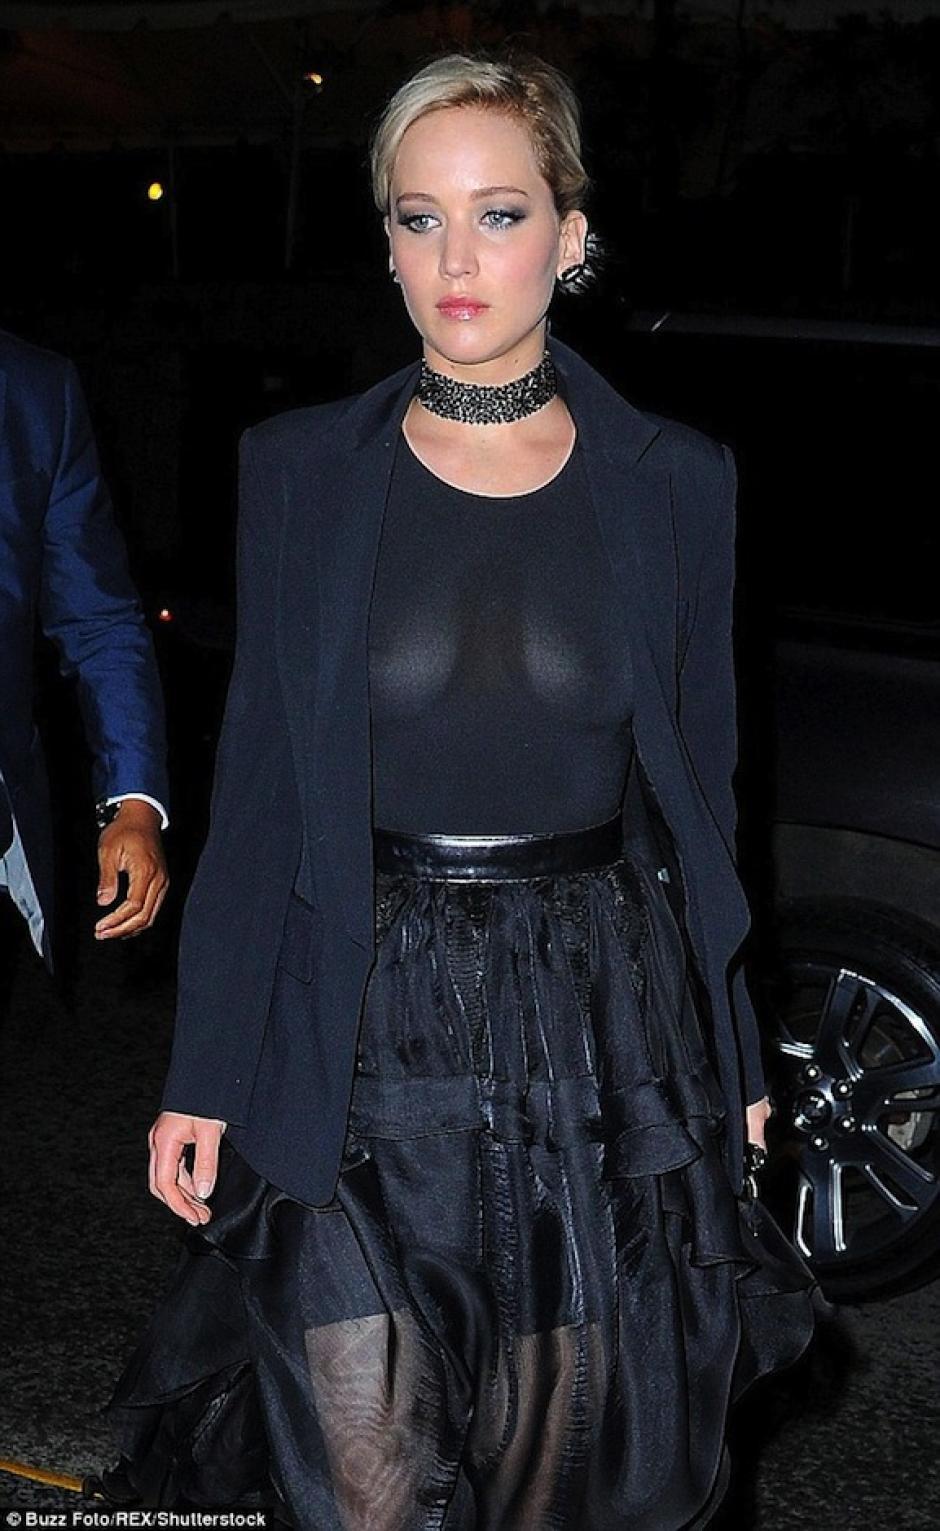 La actriz no sonrió en ningún momento tras el incidente. (Foto: Mail Online)